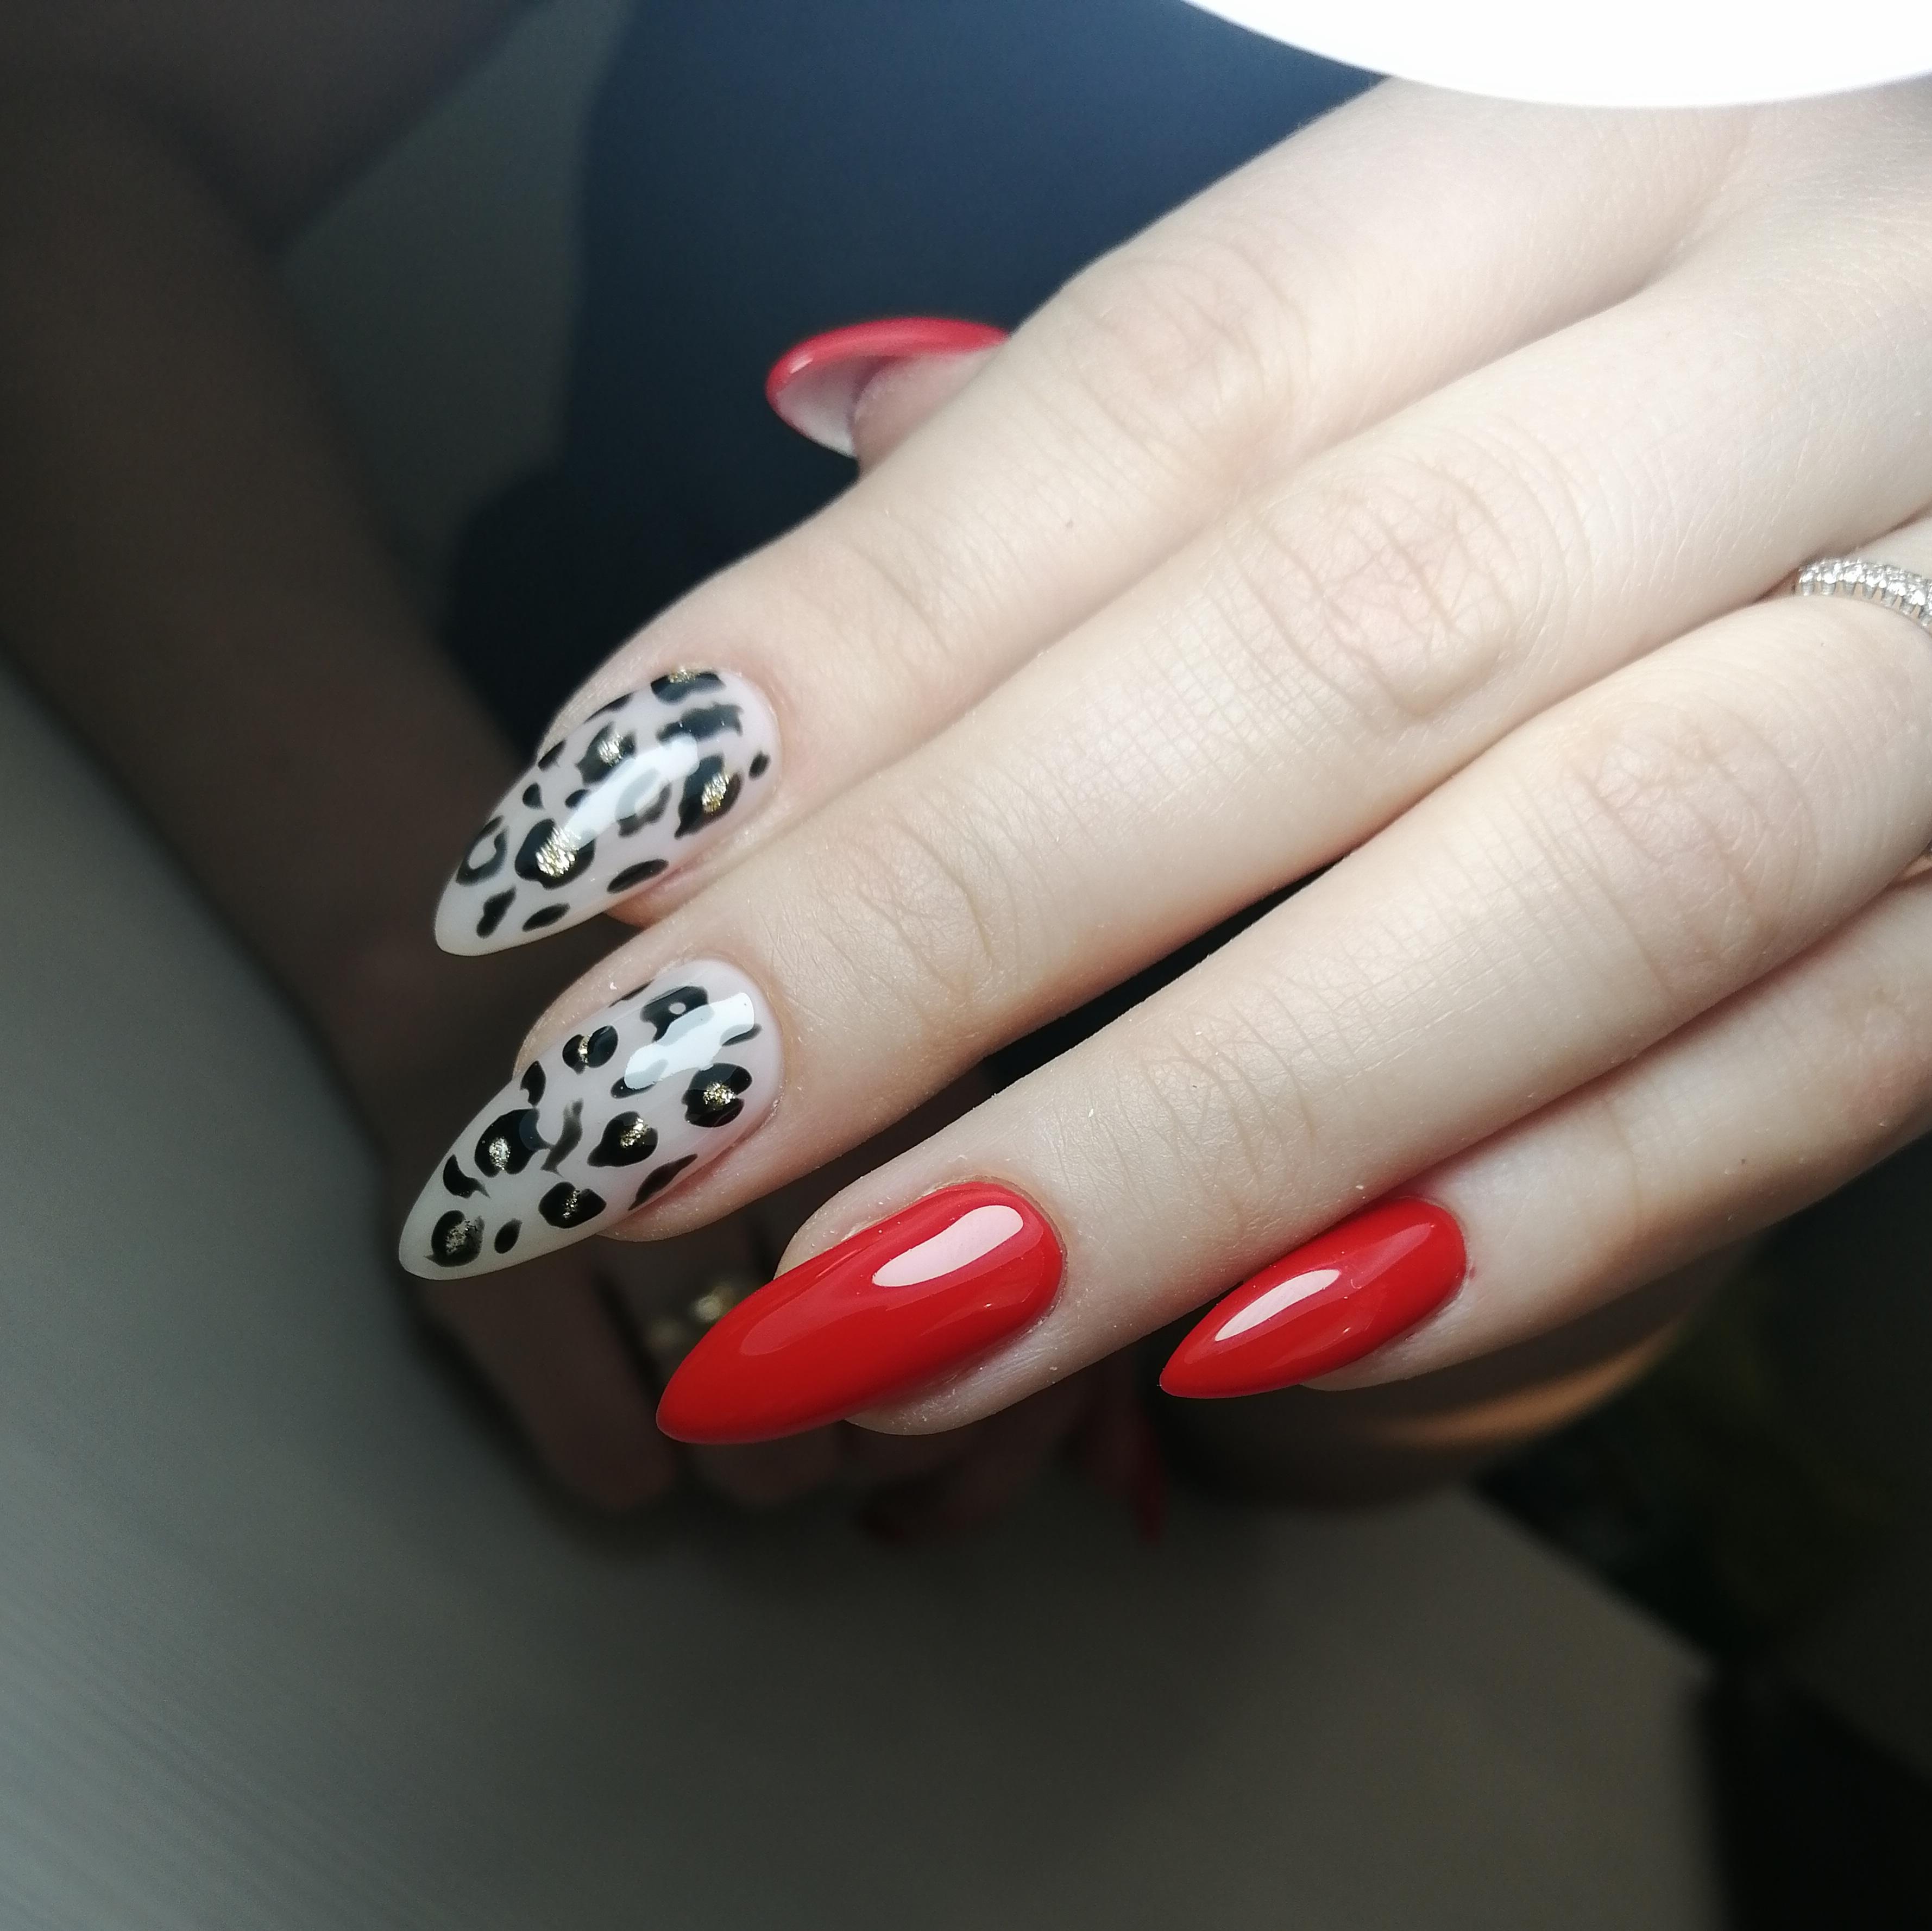 Маникюр с леопардовым принтом в красном цвете.